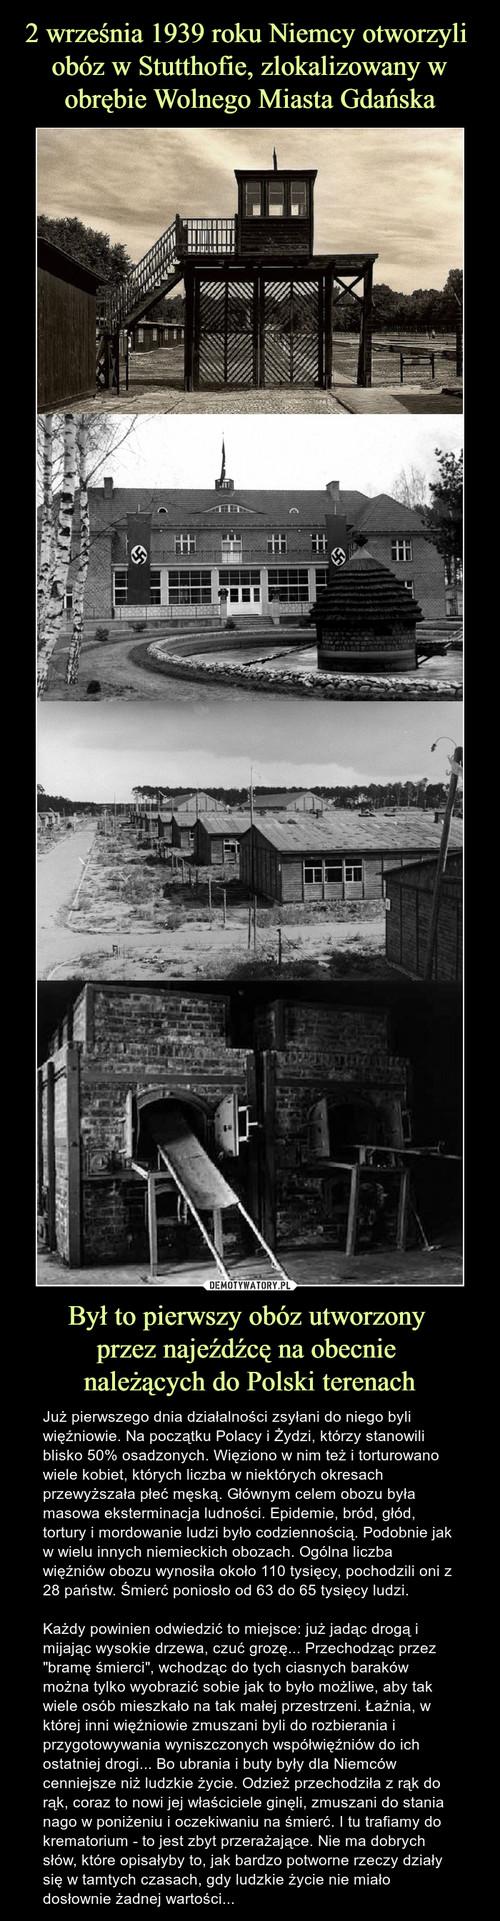 2 września 1939 roku Niemcy otworzyli  obóz w Stutthofie, zlokalizowany w obrębie Wolnego Miasta Gdańska Był to pierwszy obóz utworzony  przez najeźdźcę na obecnie  należących do Polski terenach